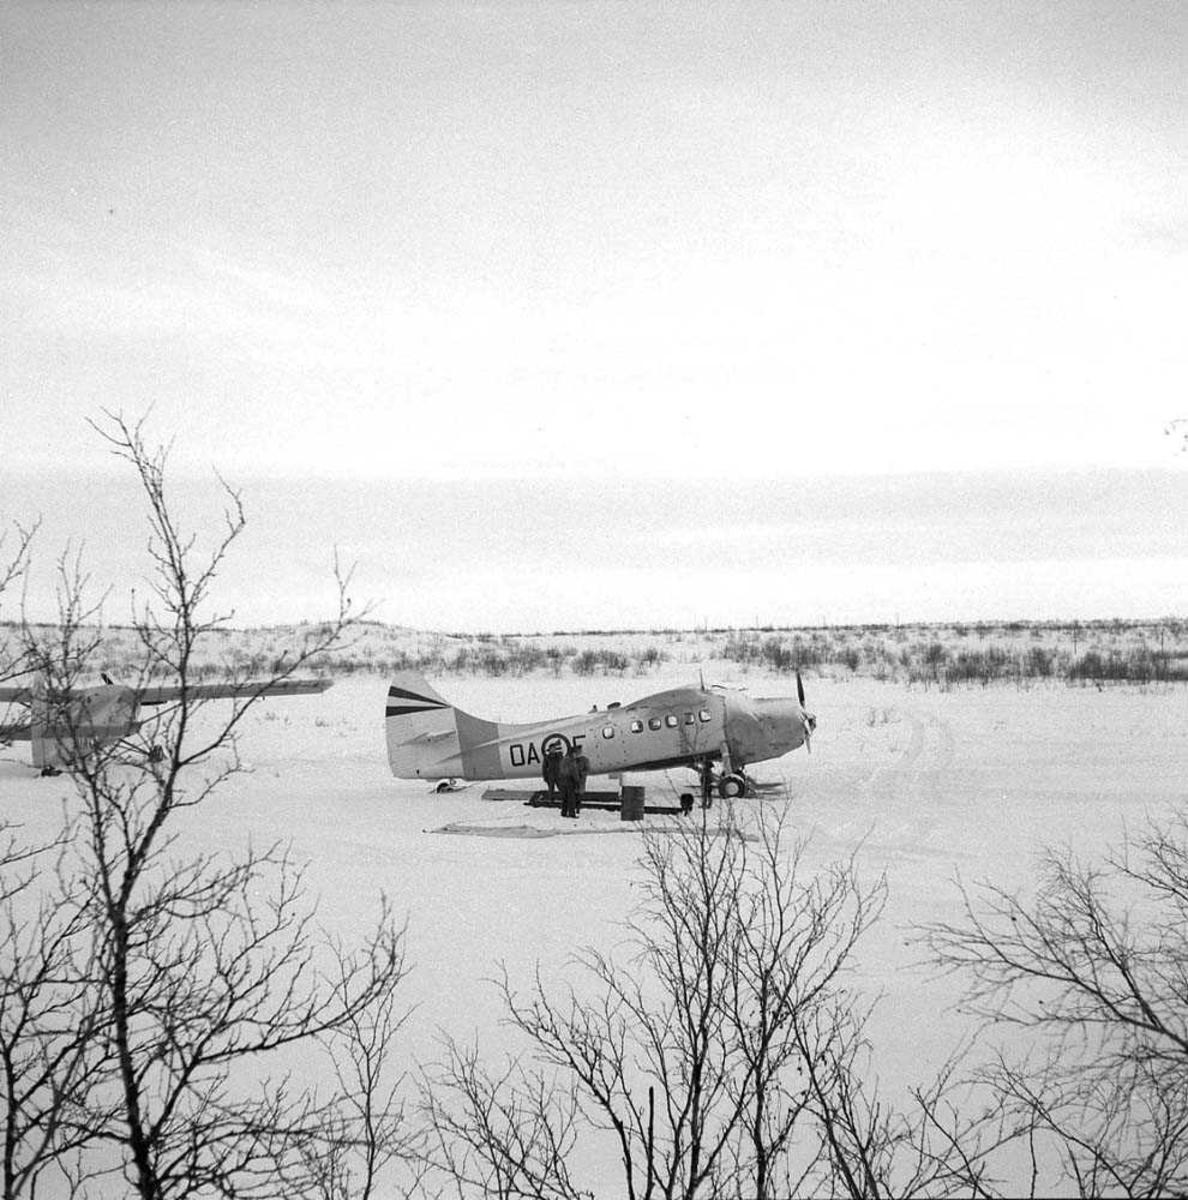 2 fly av typen DHC-3, Otter. Flyet midt i bildet har kjennetegn OA-F. Dette flyet skulle ta av fra Kautokeino flystripe. På grunn av mye is/rim på skiene fikk ikke flyet nok fart og kom borti et eller annet med vingen, som ble ødelagt.